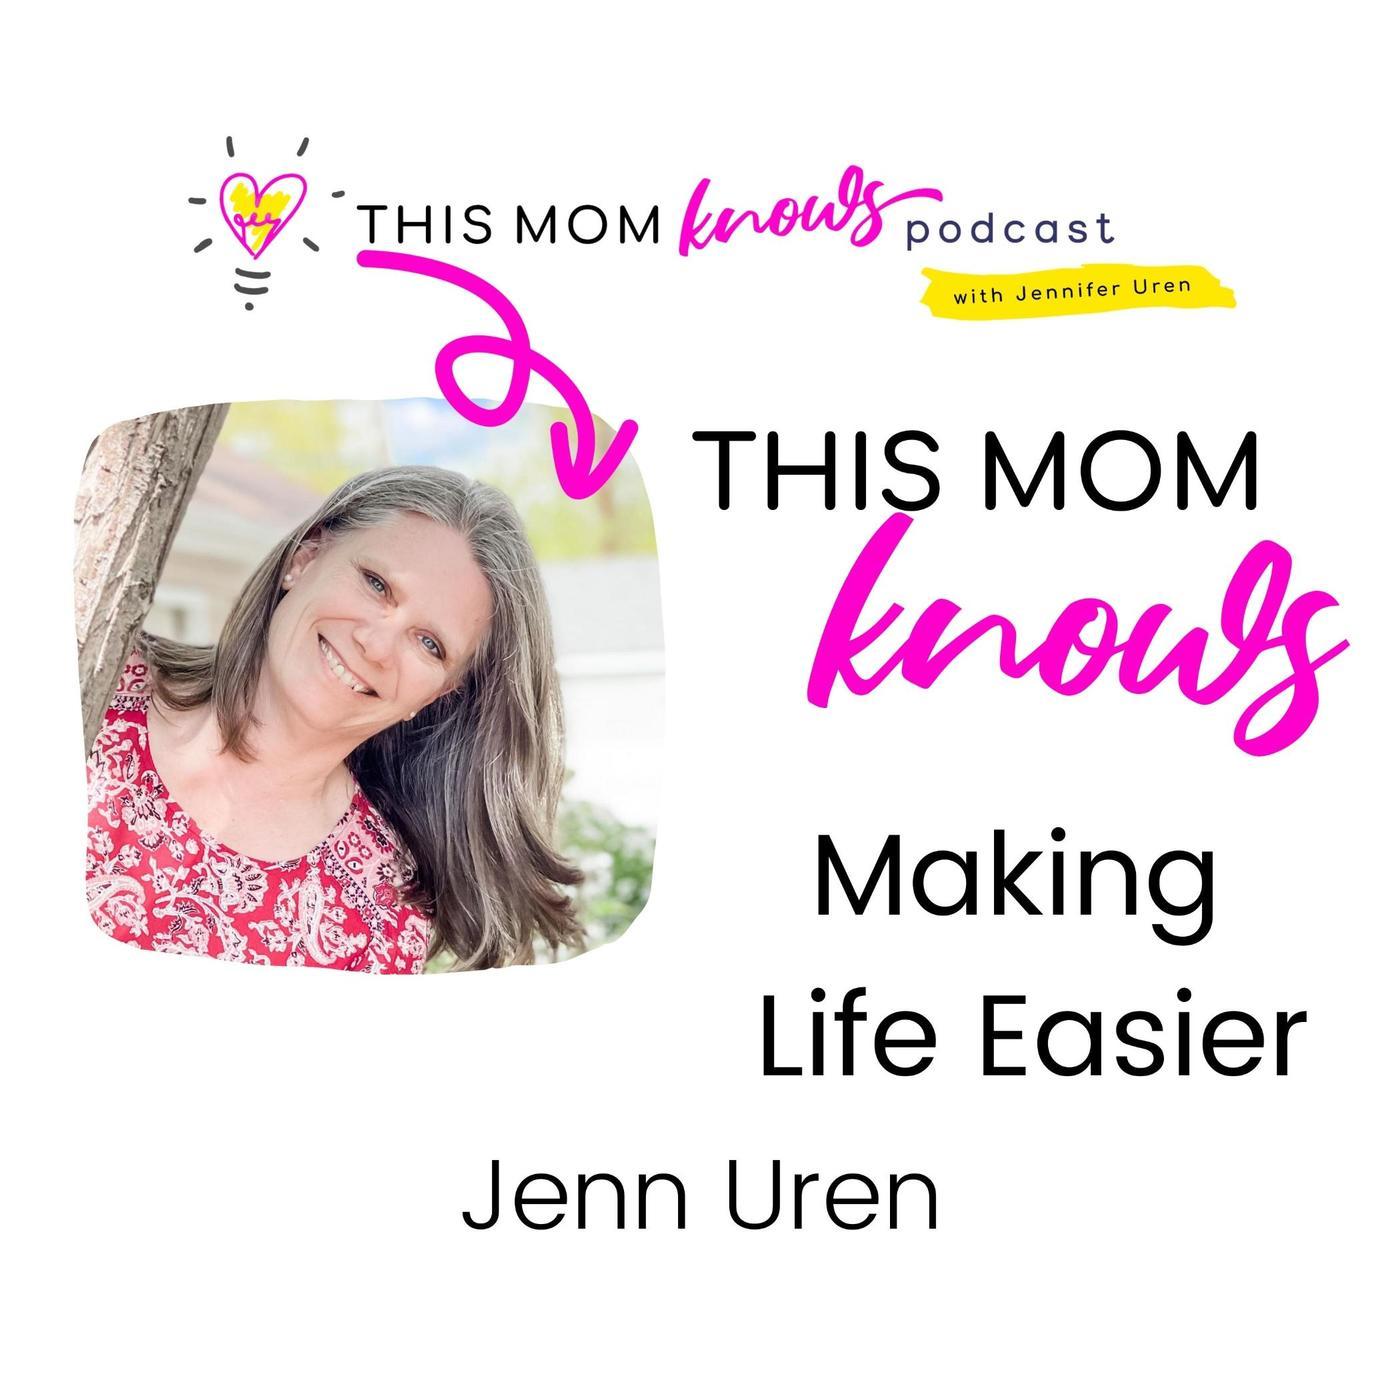 Jenn Uren on Making Life Easier